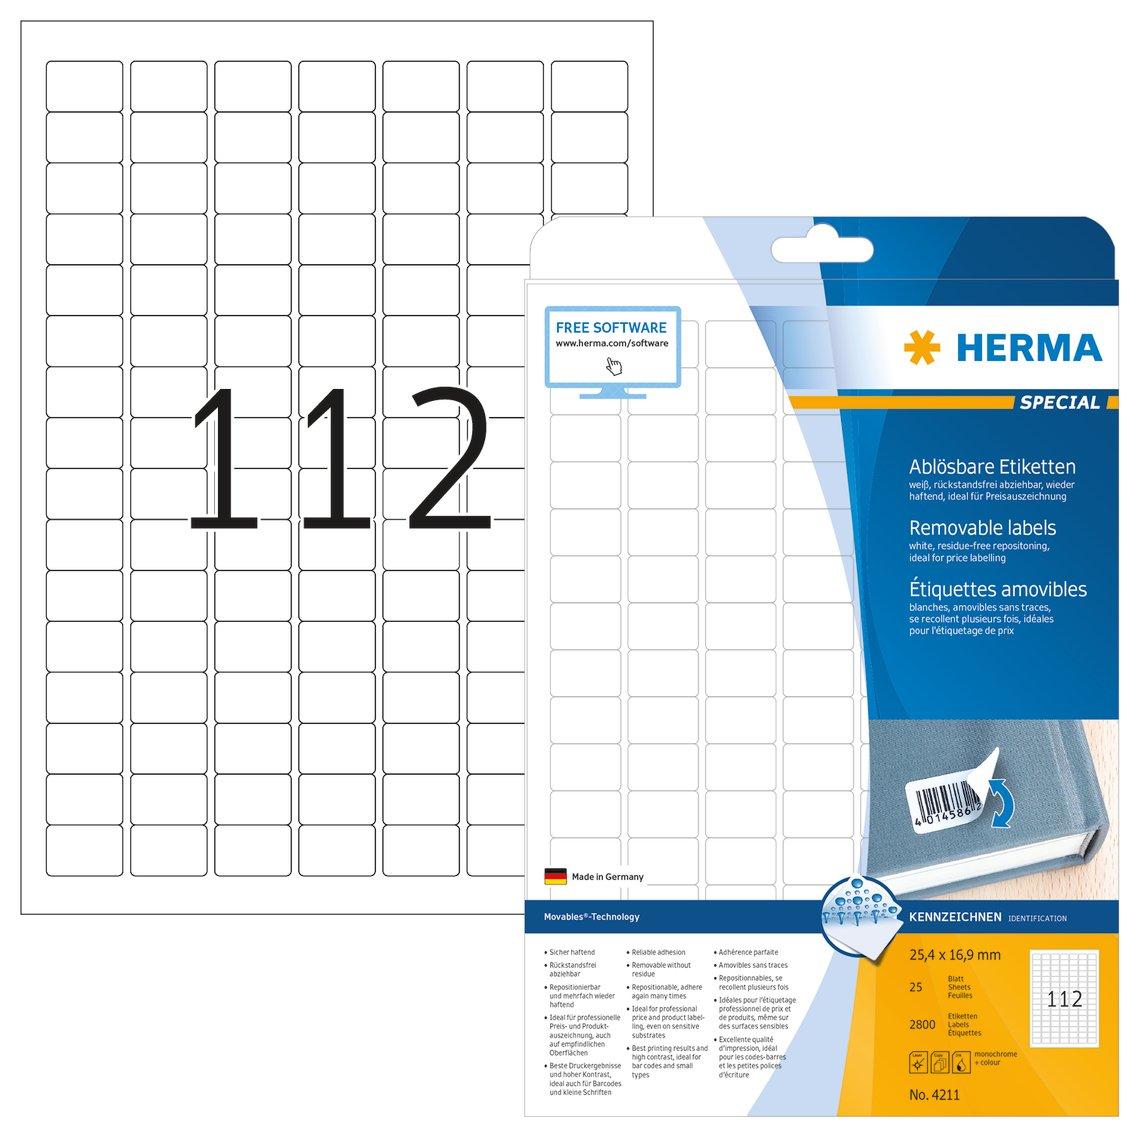 HERMA SuperPrint, Etichette removibili (25,4 x 16,9 mm), colore: Bianco 4211